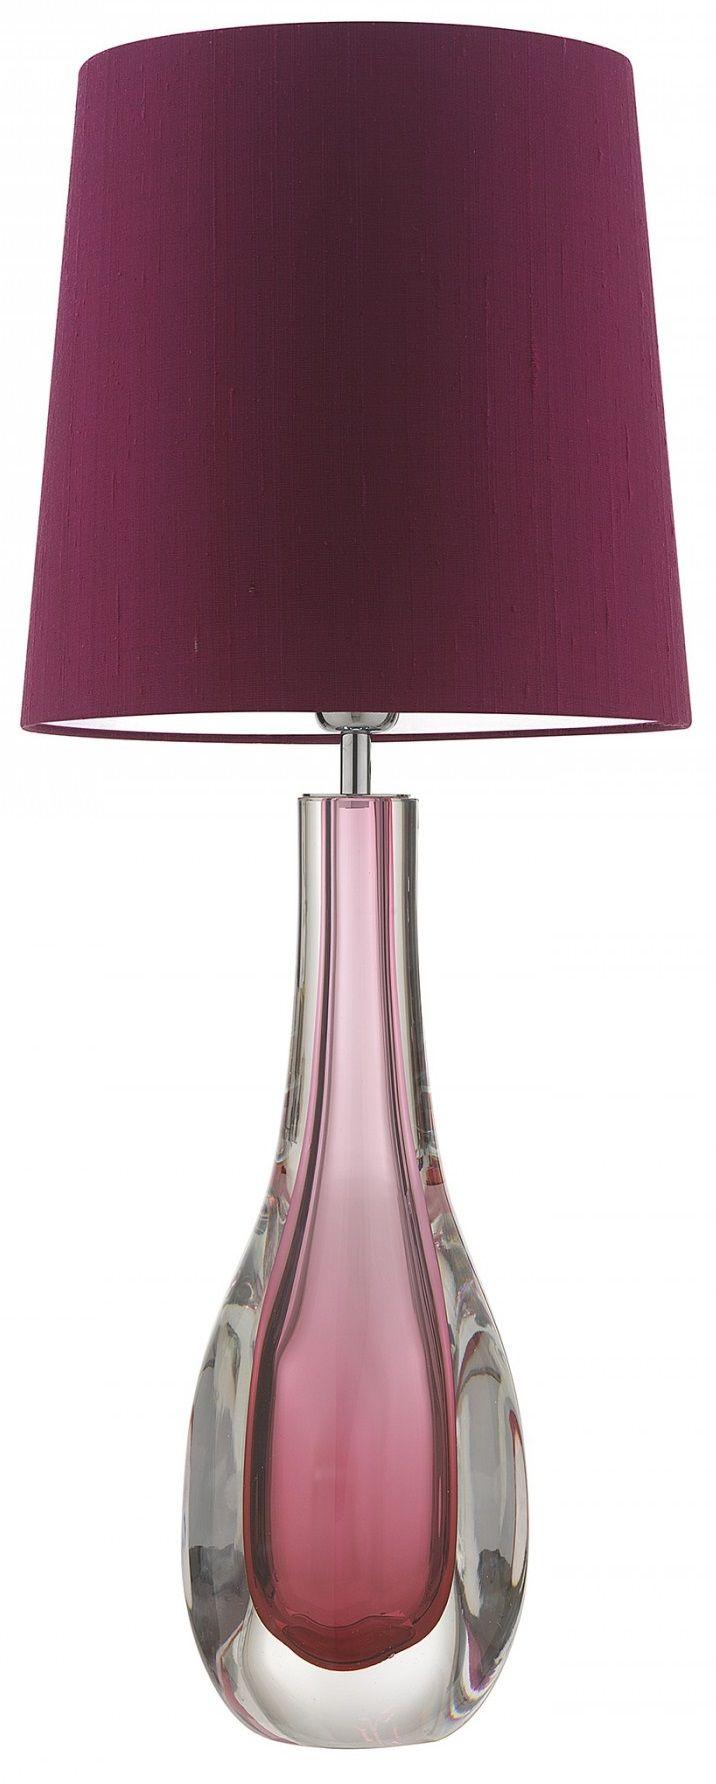 Lámparas de mesa, lámparas de pie, lámparas de mesa de noche - Iluminación dormitorios - artículos Decorador - Camas - ()